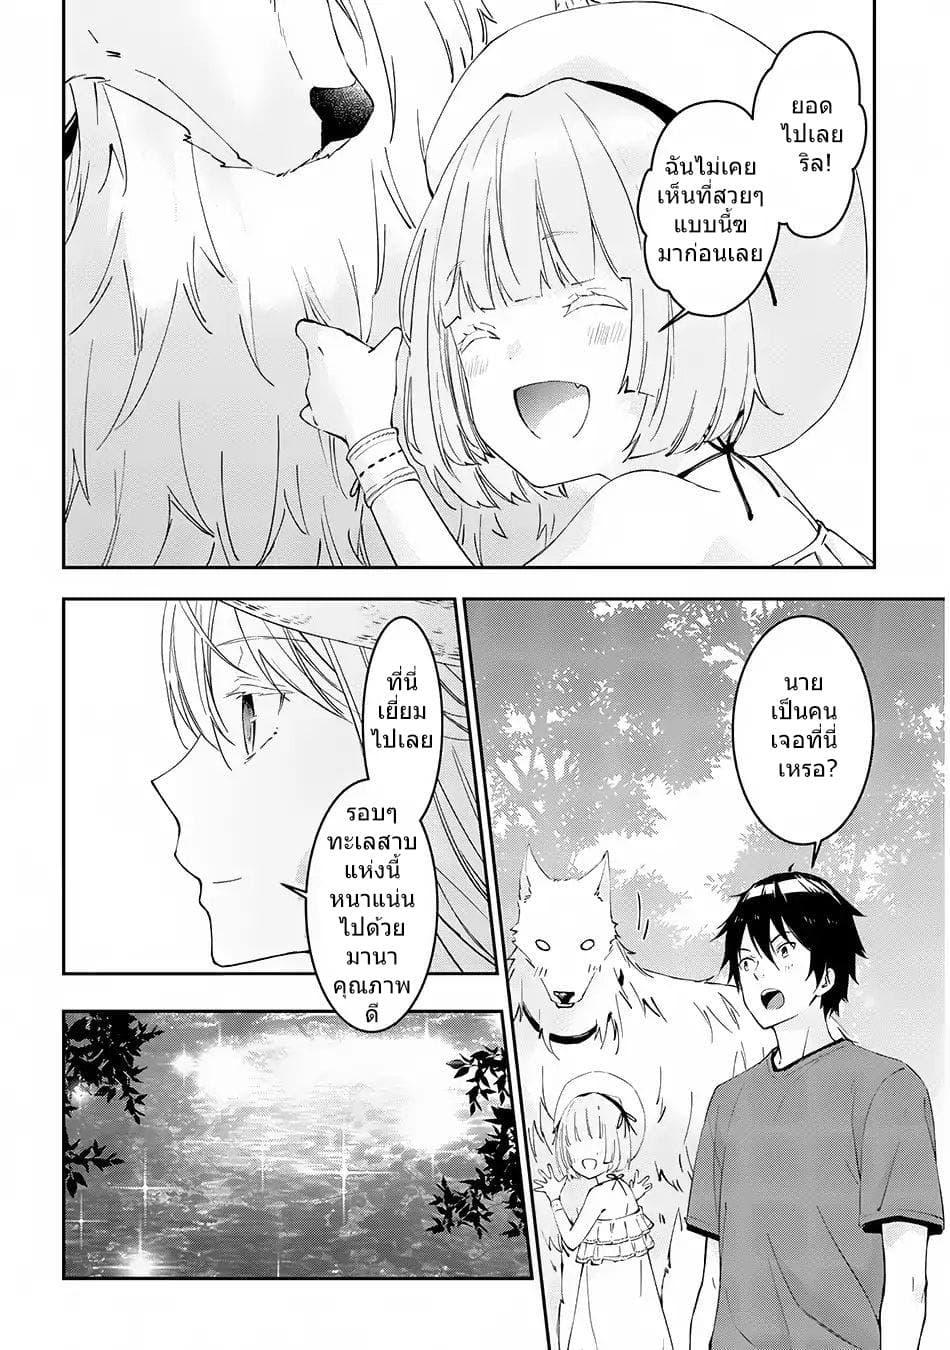 อ่านการ์ตูน Maou ni Natte node Dungeon Tsukutte Jingai Musume to Honobono suru ตอนที่ 14 หน้าที่ 10